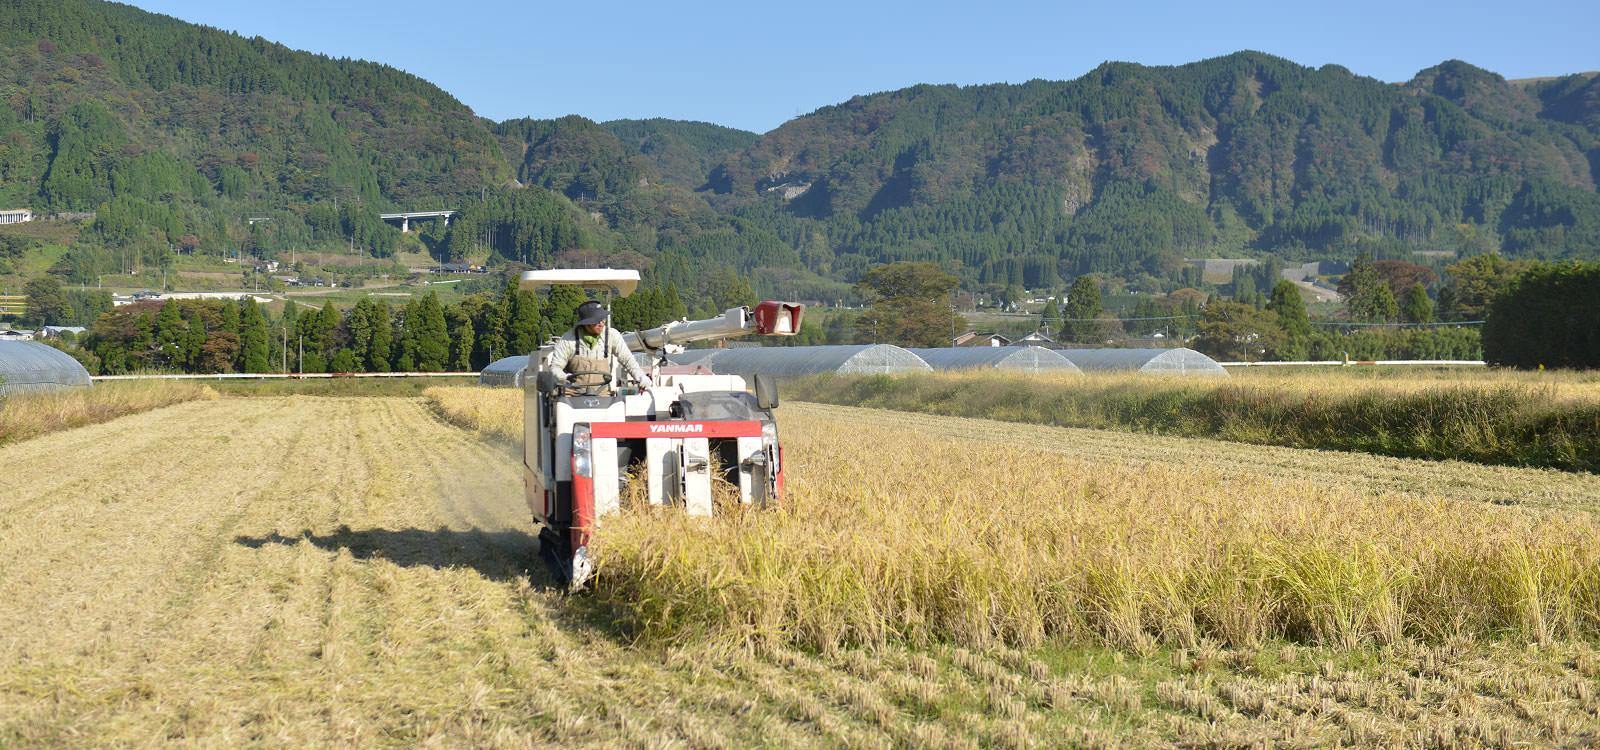 阿蘇のなかストアが作る、無農薬・無施肥栽培のお米